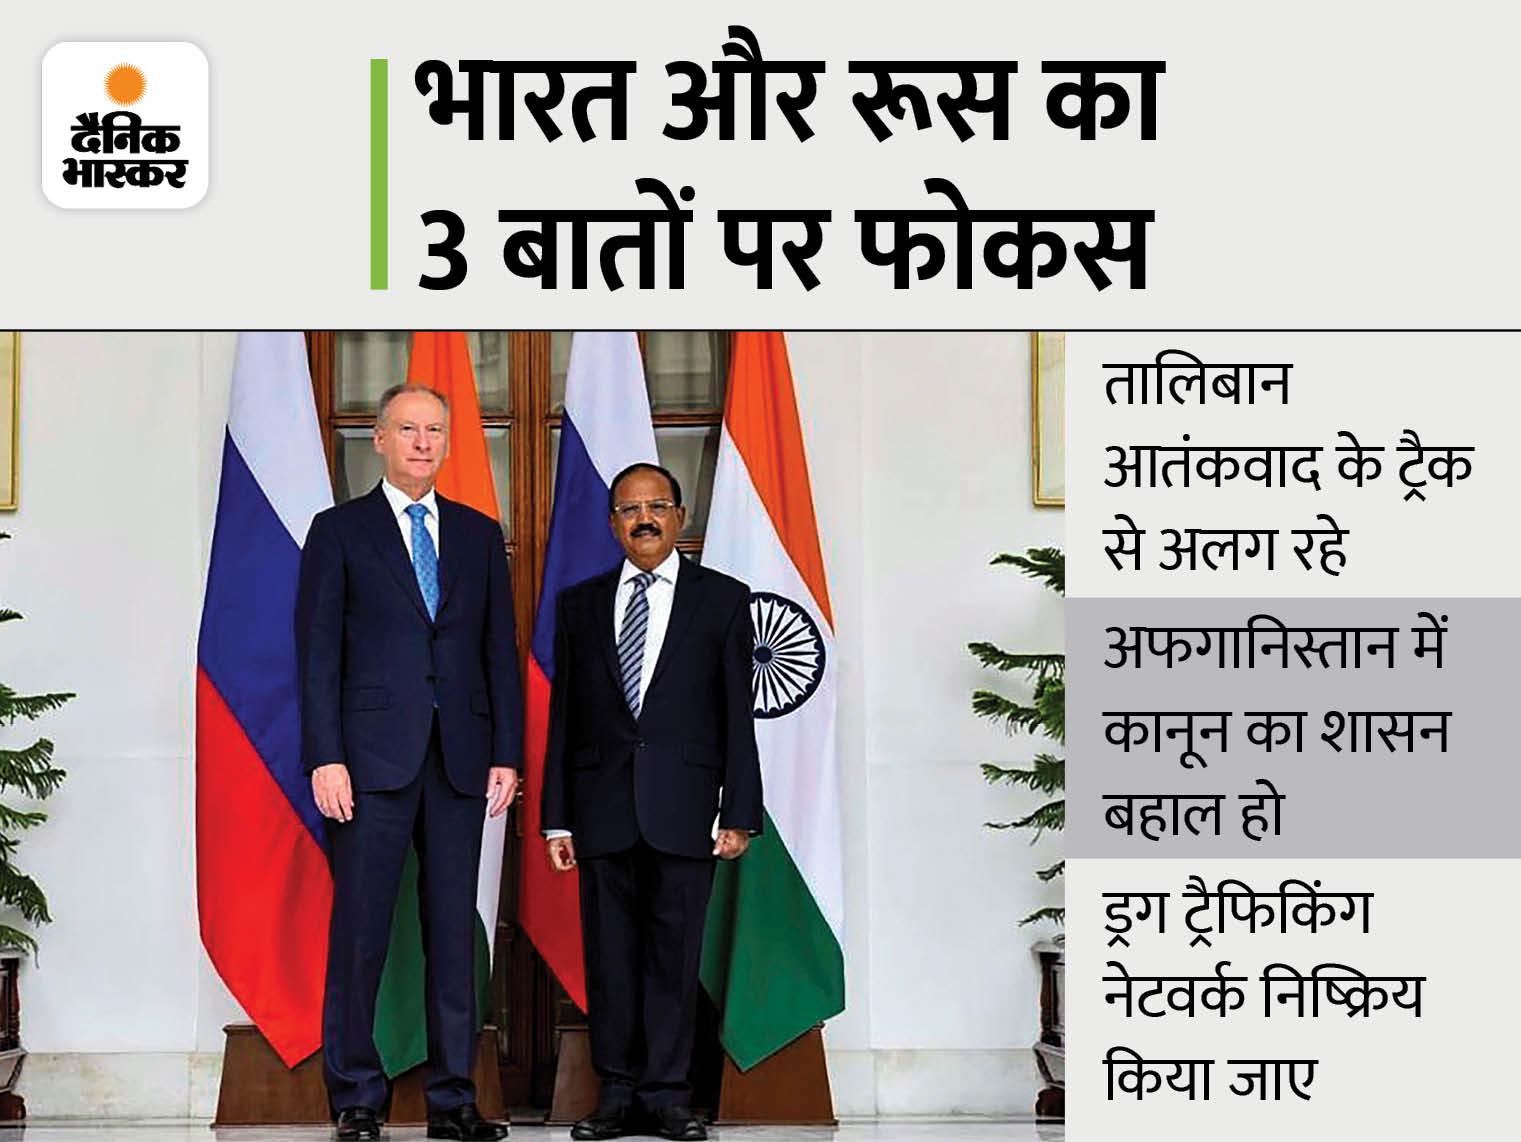 अमेरिकी खुफिया एजेंसी के चीफ और रूस के NSA को एक साथ दिल्ली बुलाया; चीन-पाकिस्तान में खलबली|देश,National - Dainik Bhaskar